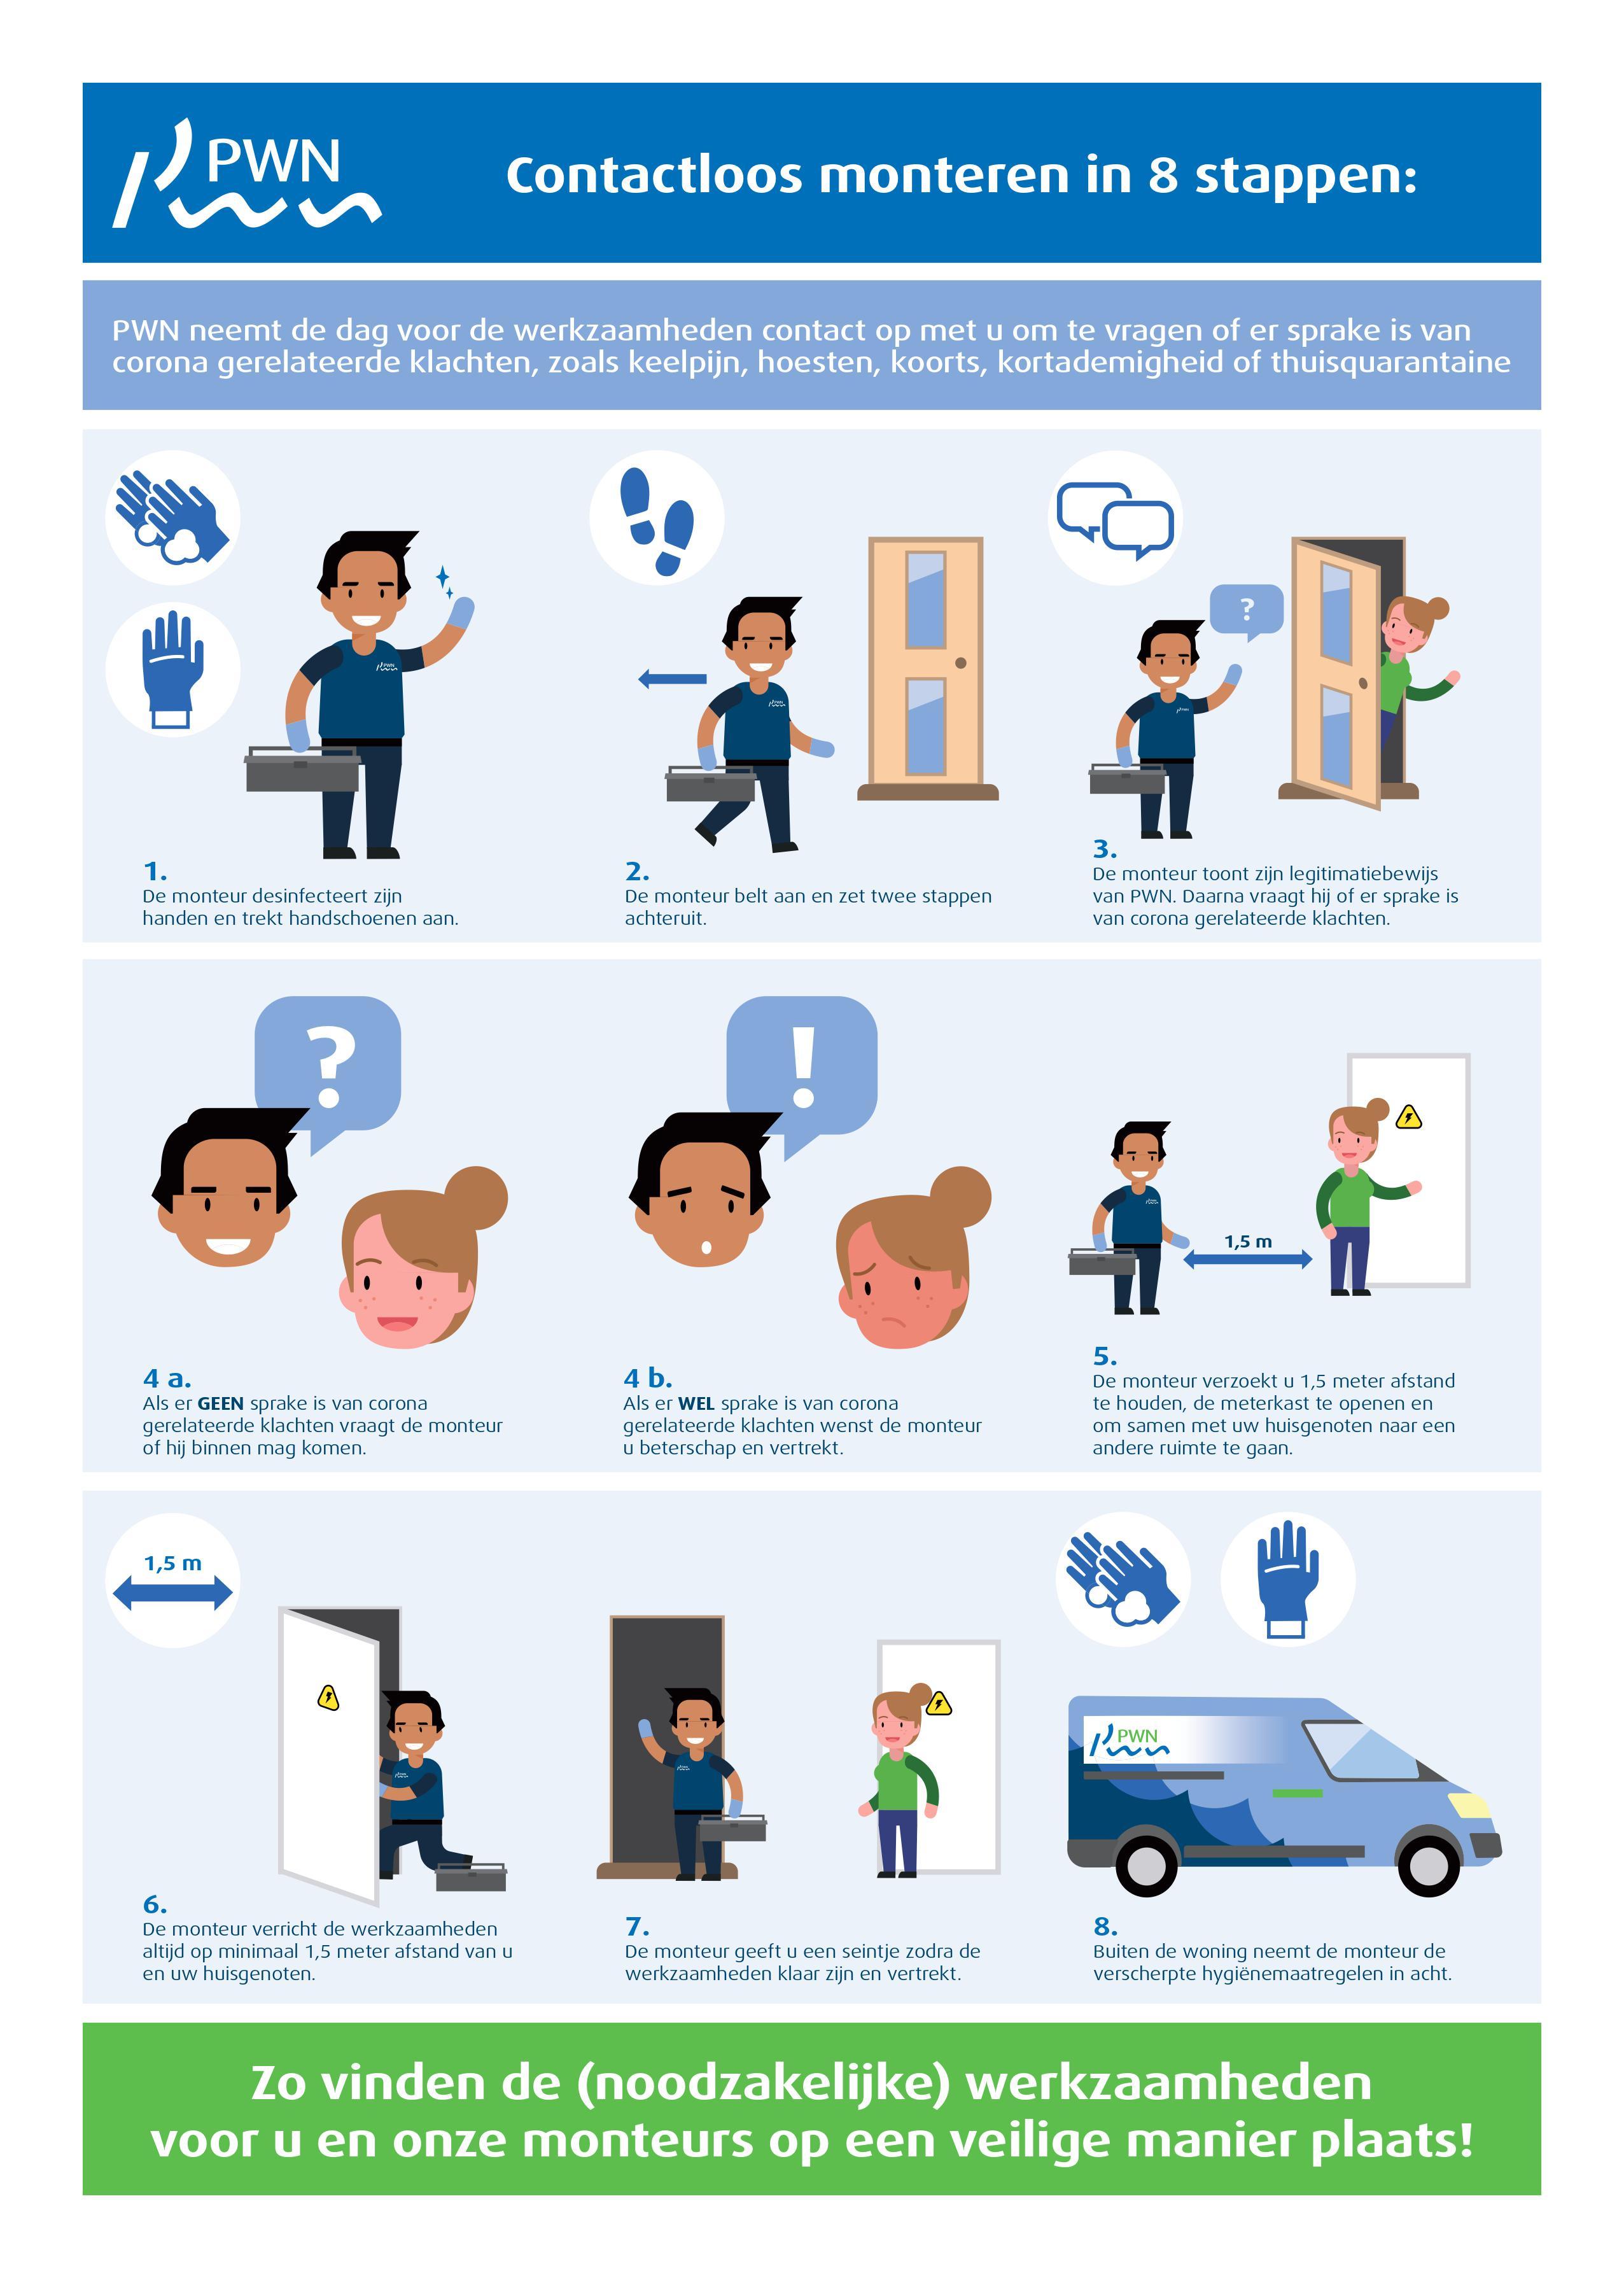 infographic_contactloos_monteren.jpg